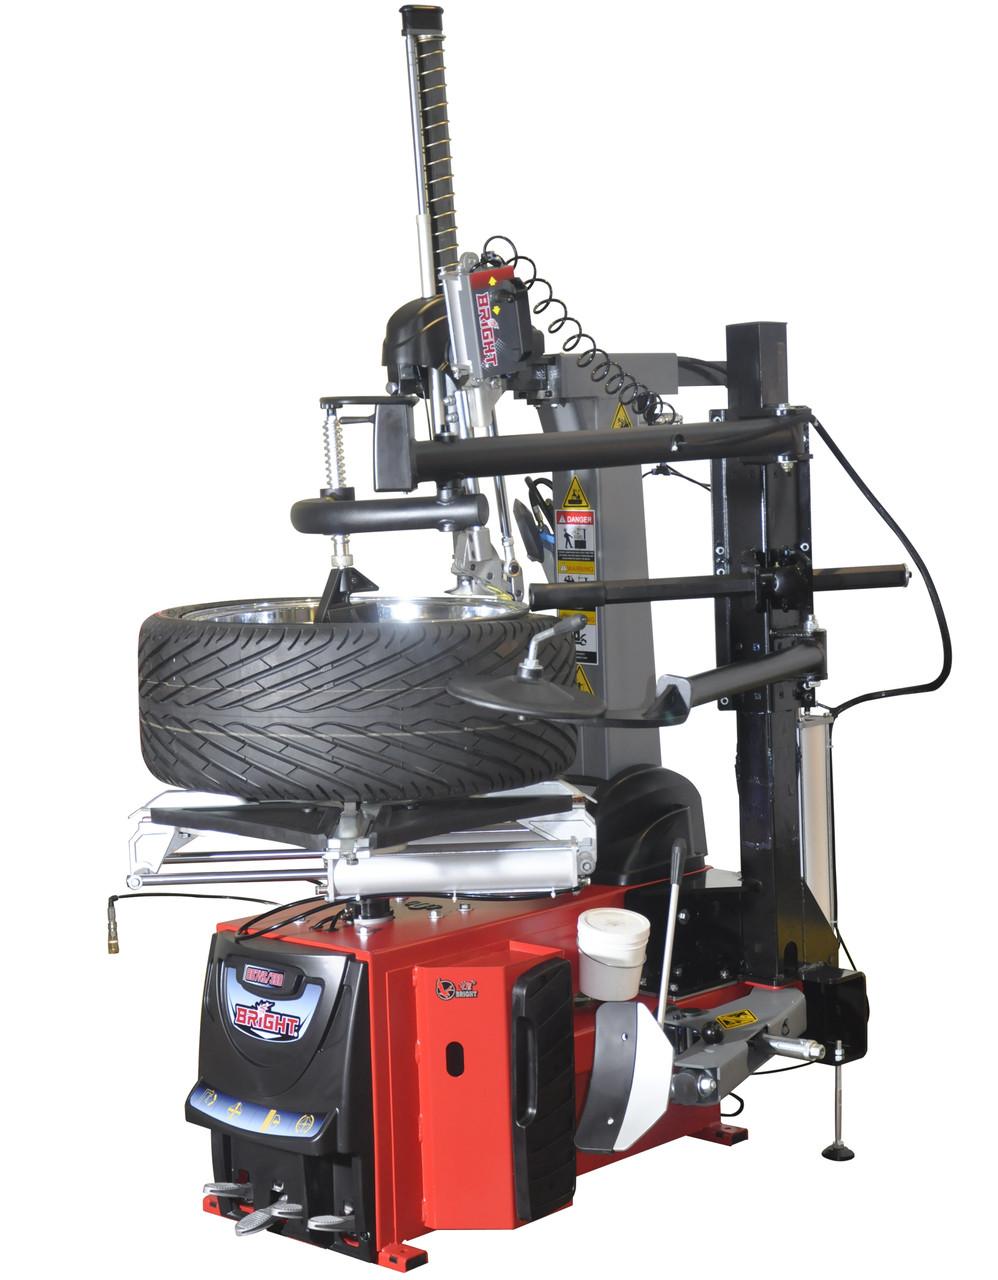 Технороллер BRIGHT AL390 к GT887N